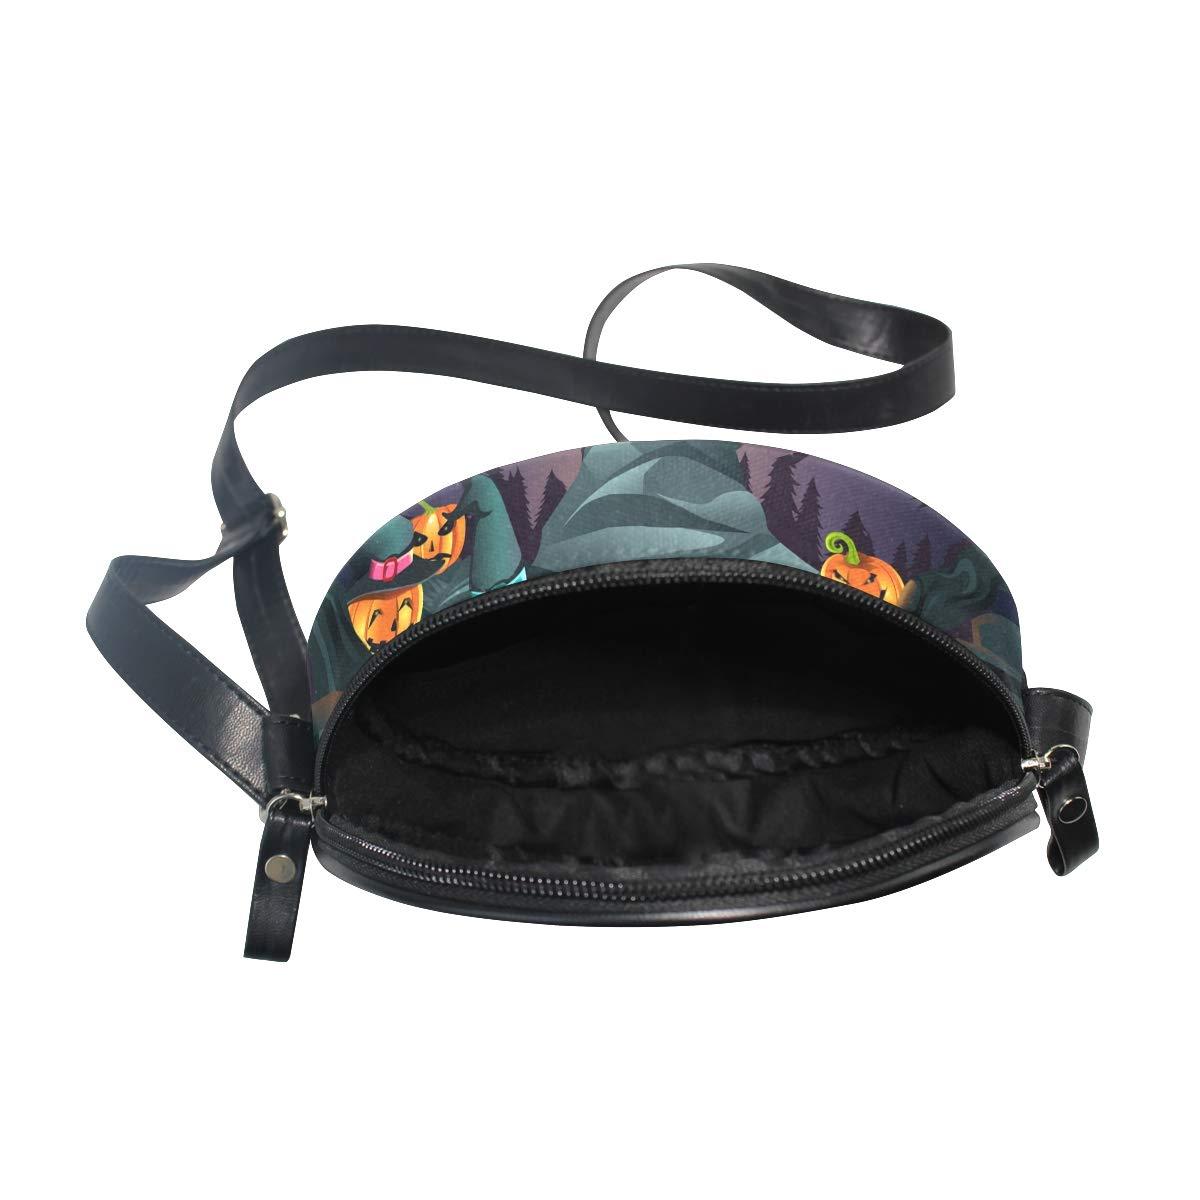 KEAKIA Halloween Pumpkins Background Round Crossbody Bag Shoulder Sling Bag Handbag Purse Satchel Shoulder Bag for Kids Women